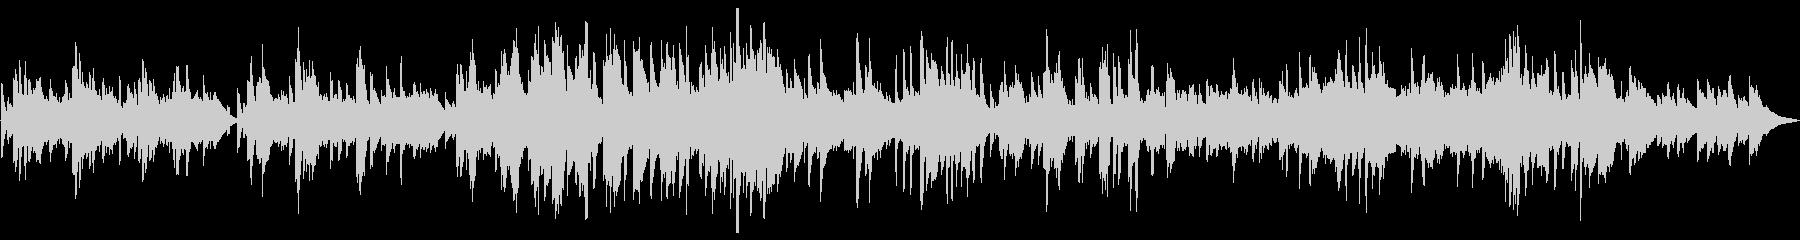 低い秋の空(ピアノソロ)の未再生の波形